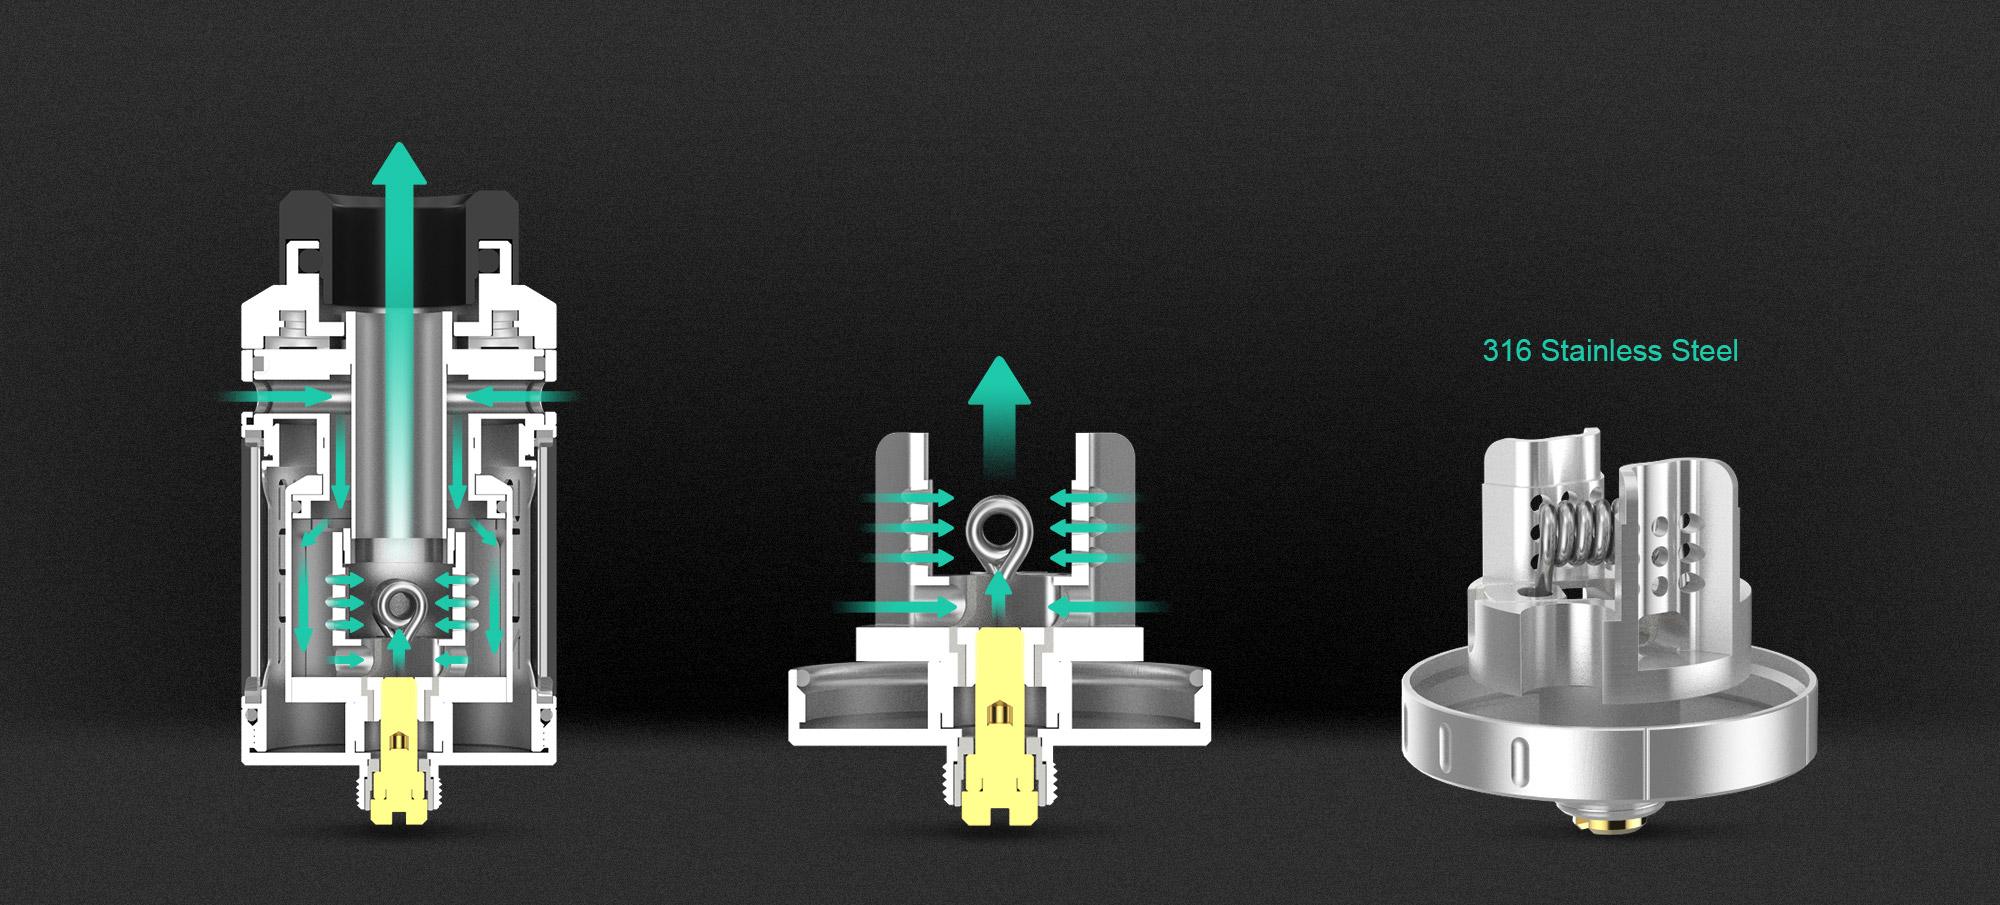 plateau montage coil zeus rta geekvape toulouse